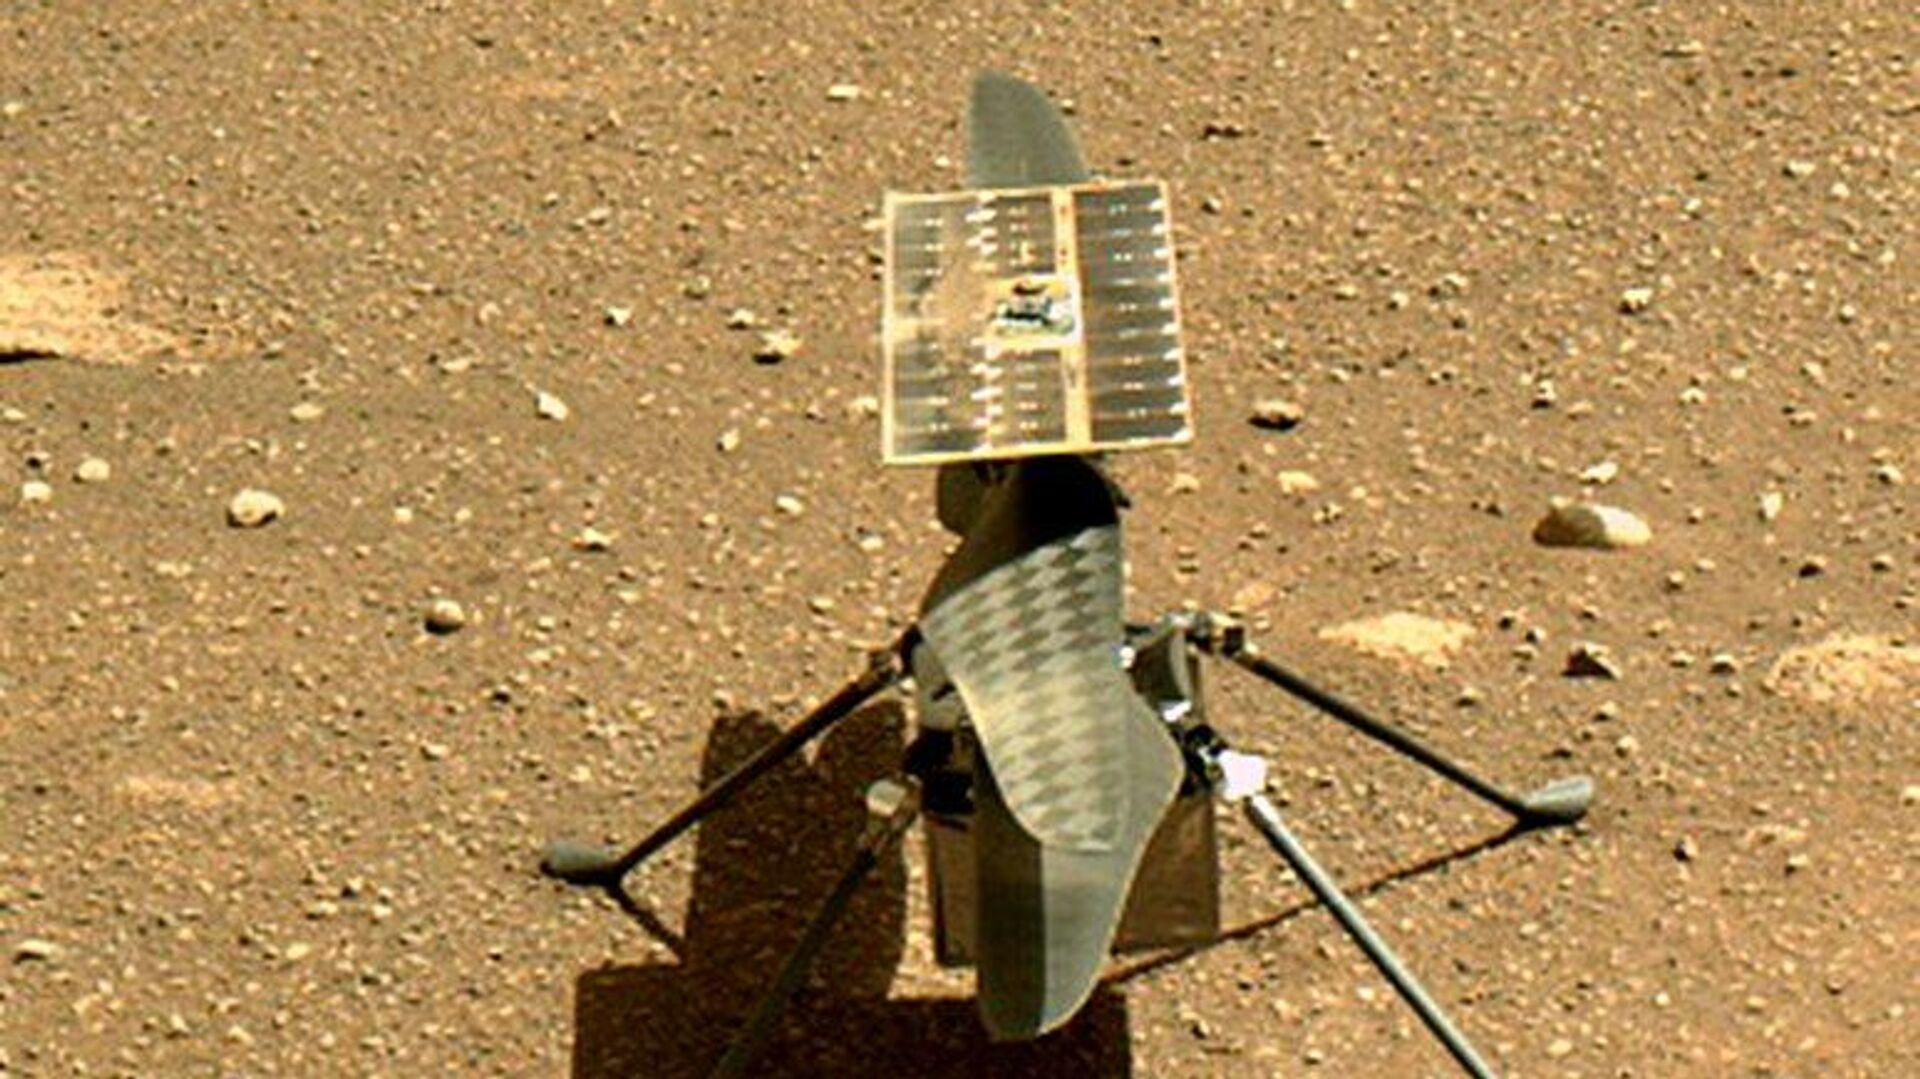 Китай впервые осуществил успешную посадку зонда на поверхность Марса